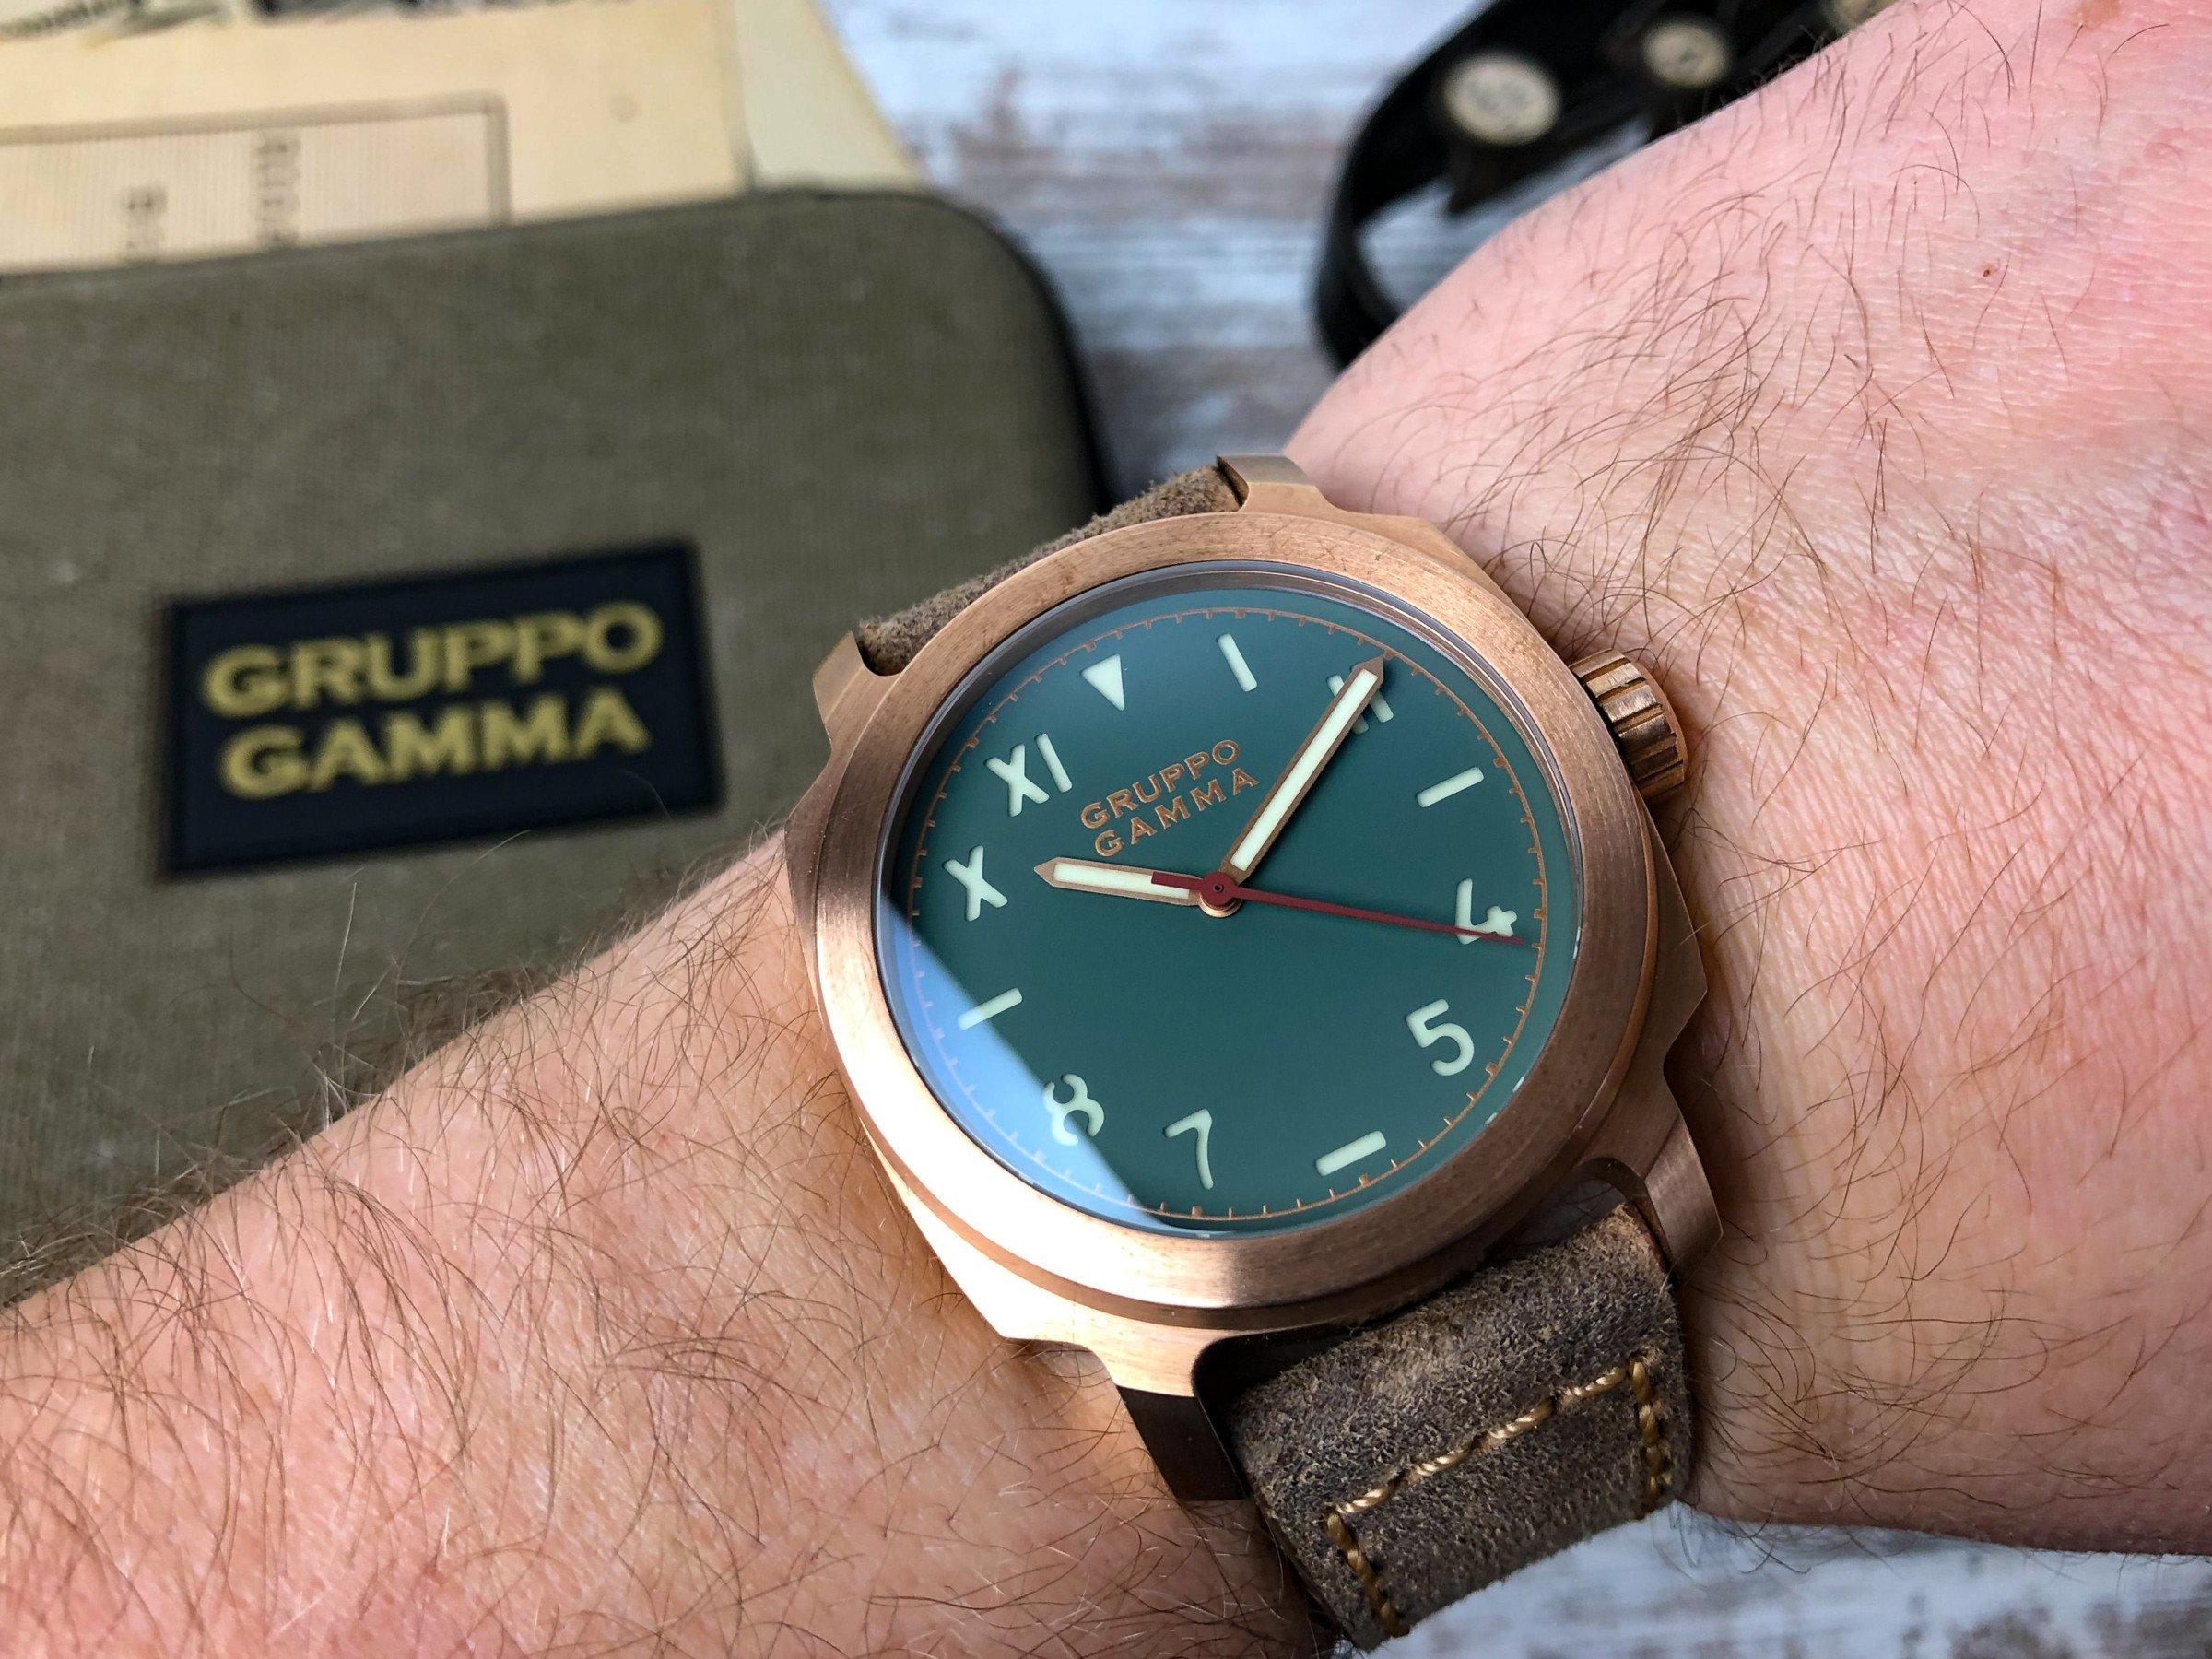 Gruppo Gamma Vintage Lederband Bronze AN13 Vanguard Wristshot handgelenk